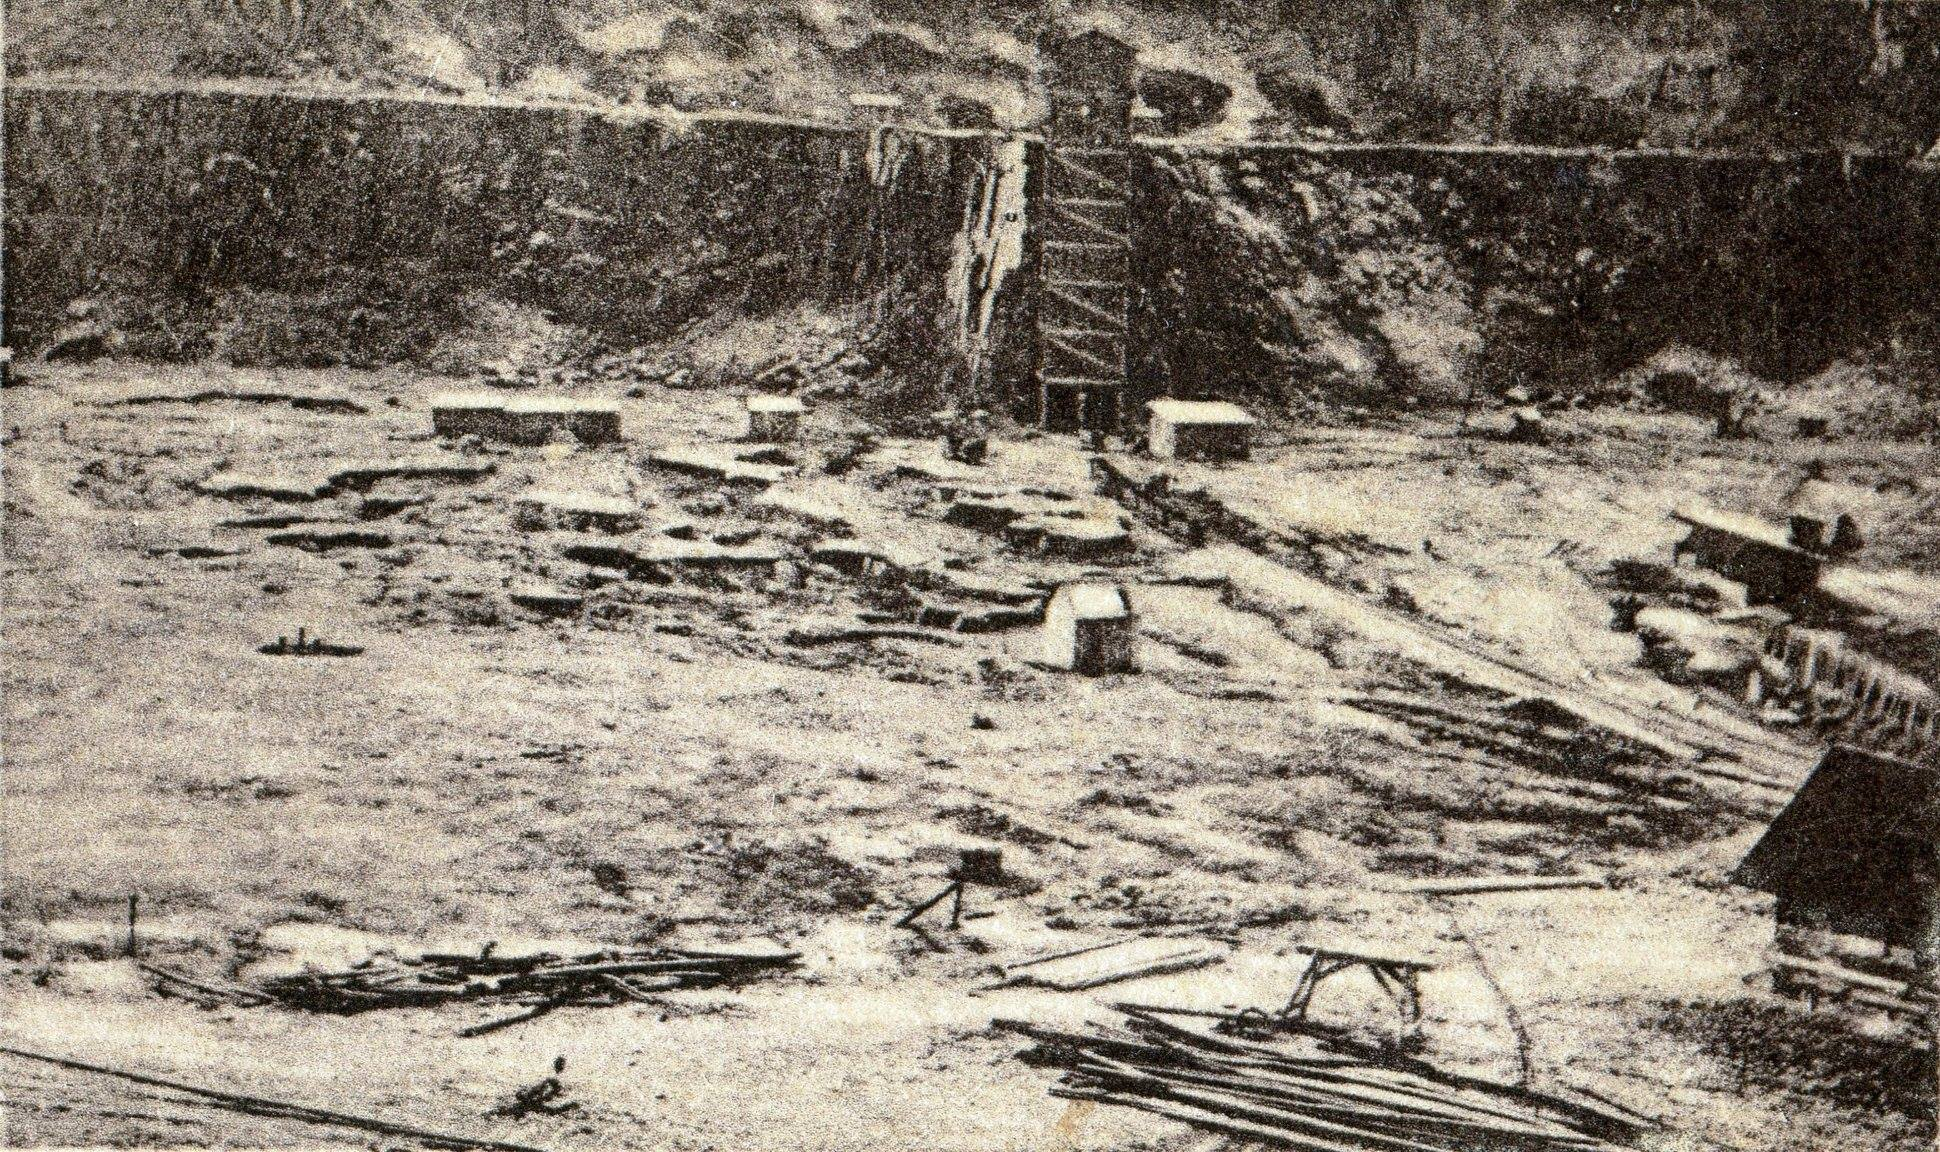 miekinia ok 1919 r.